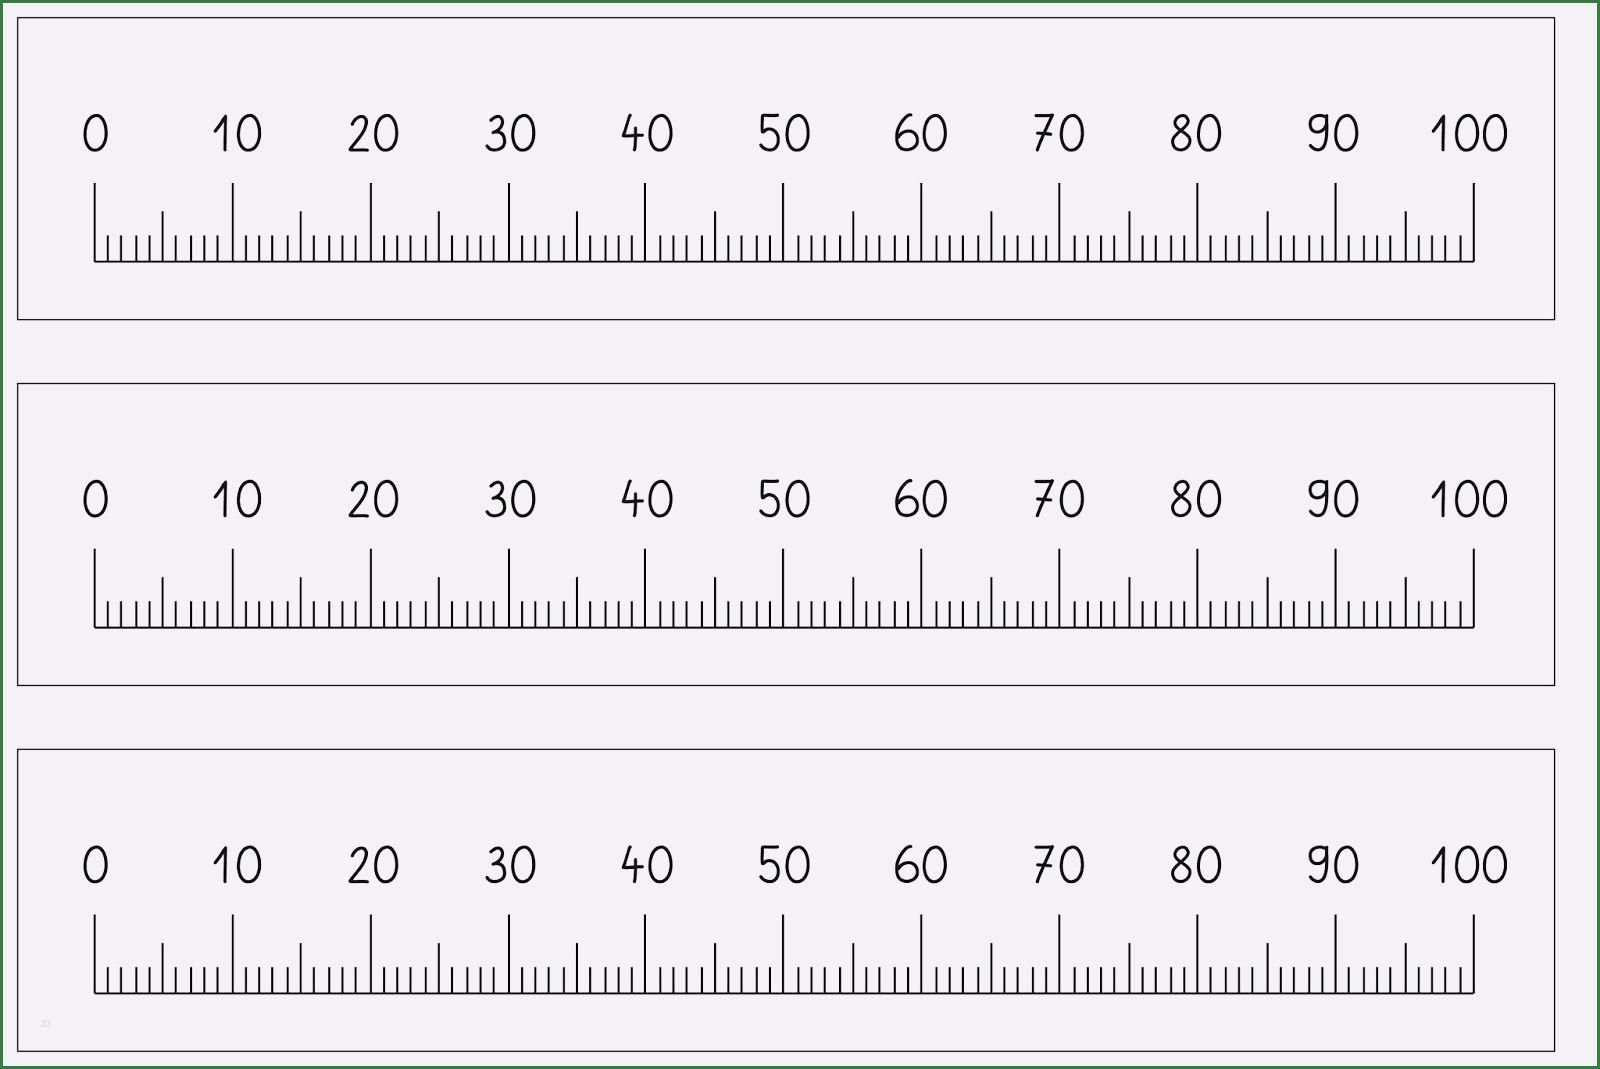 20 Tadellos Zahlenstrahl Vorlage Die Ihre Starken Beweisen In 2020 Zahlenstrahl Lebenslauf Layout Lernen